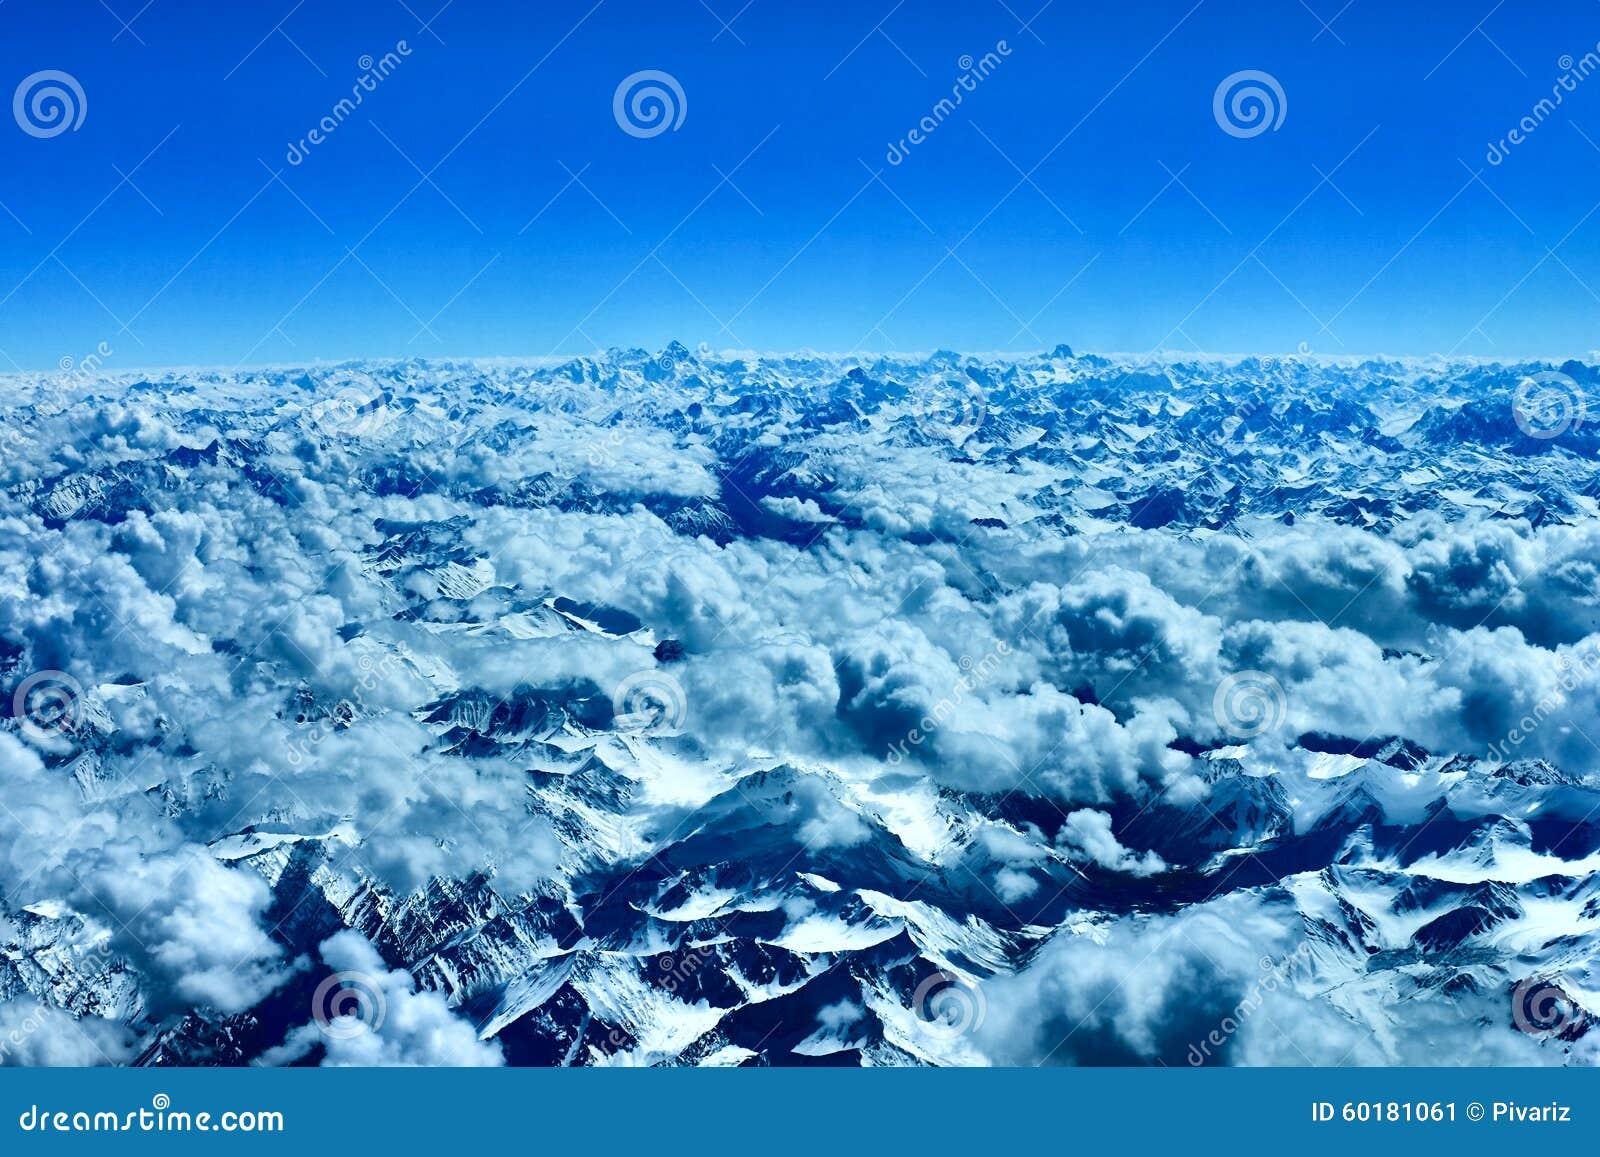 K2, der zweite höchste Berg in der Welt